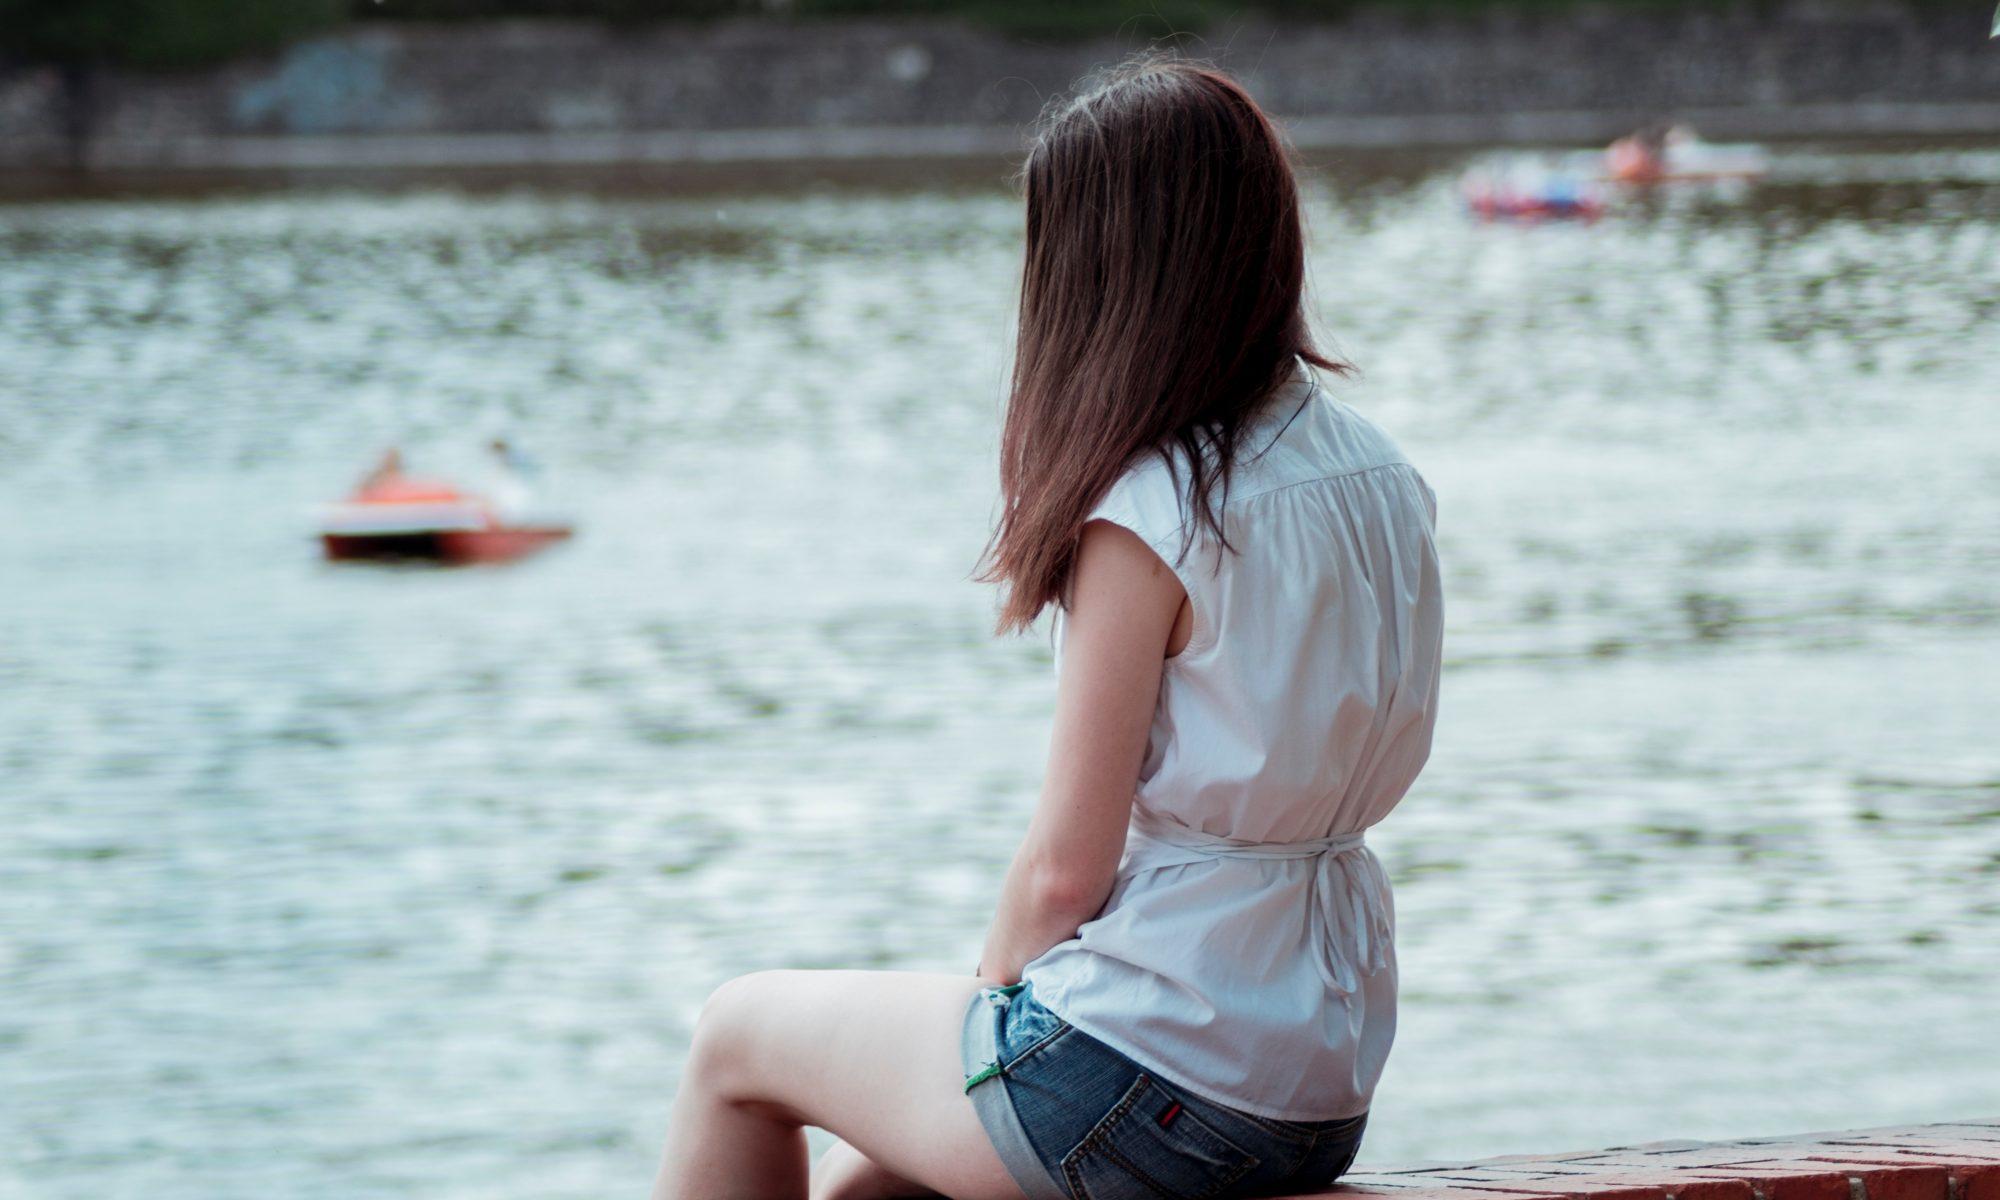 片思いを叶えたい方必見! 彼の気持ちを確かめて恋を実らせる方法をご紹介します